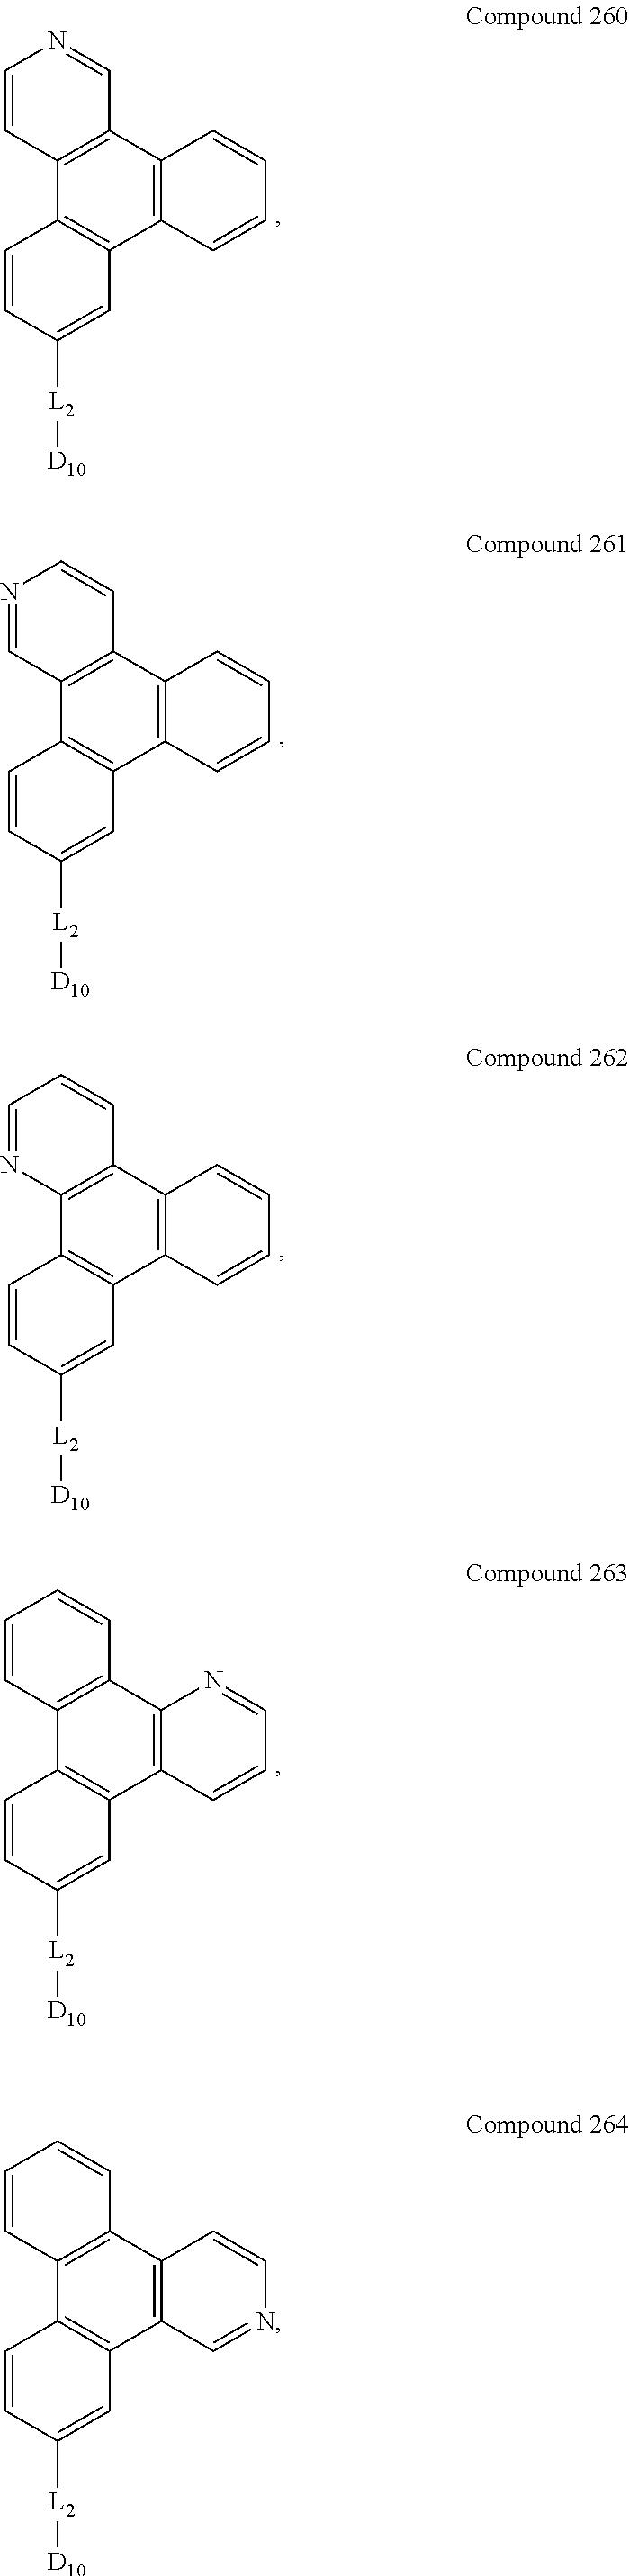 Figure US09537106-20170103-C00088